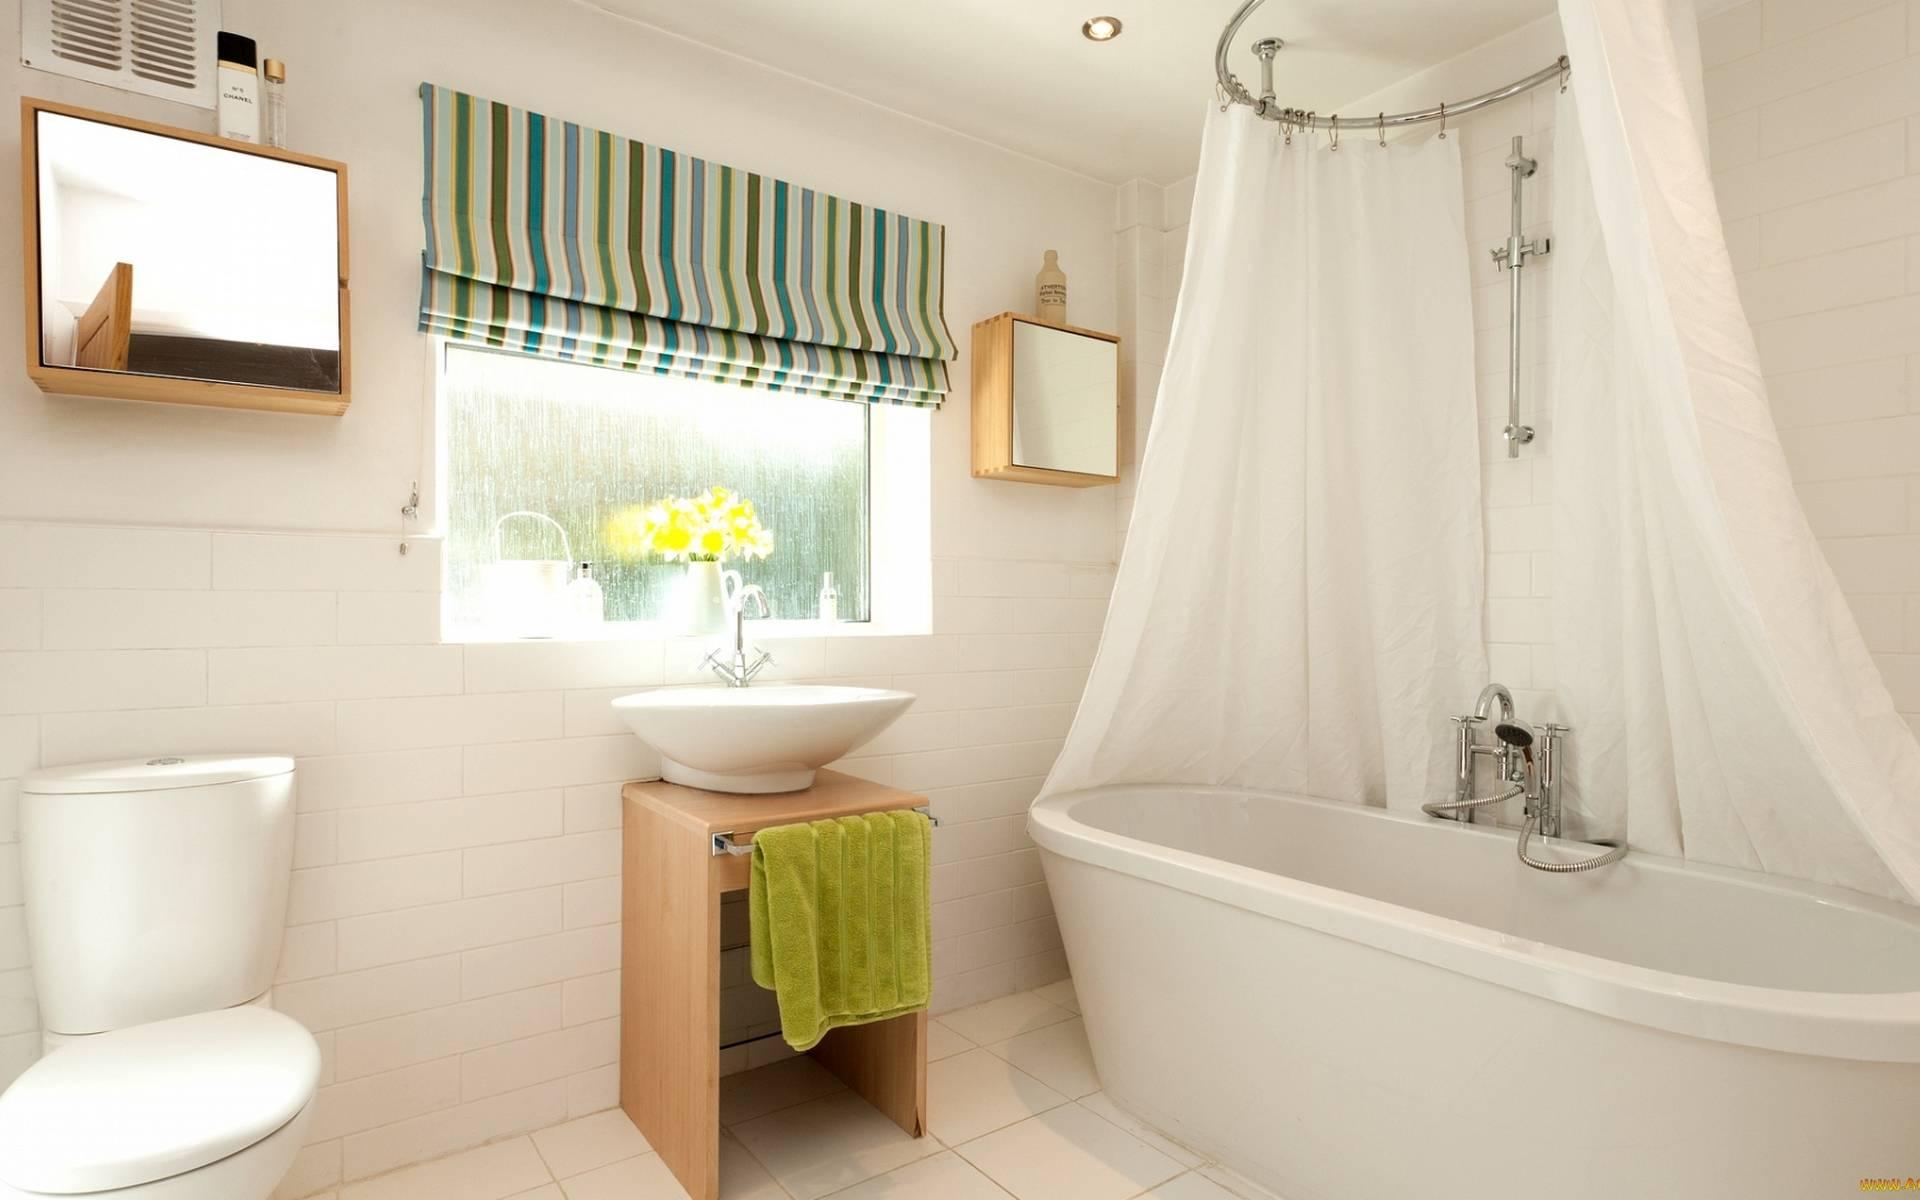 обои комната, унитаз, раковина, ванна картинки фото